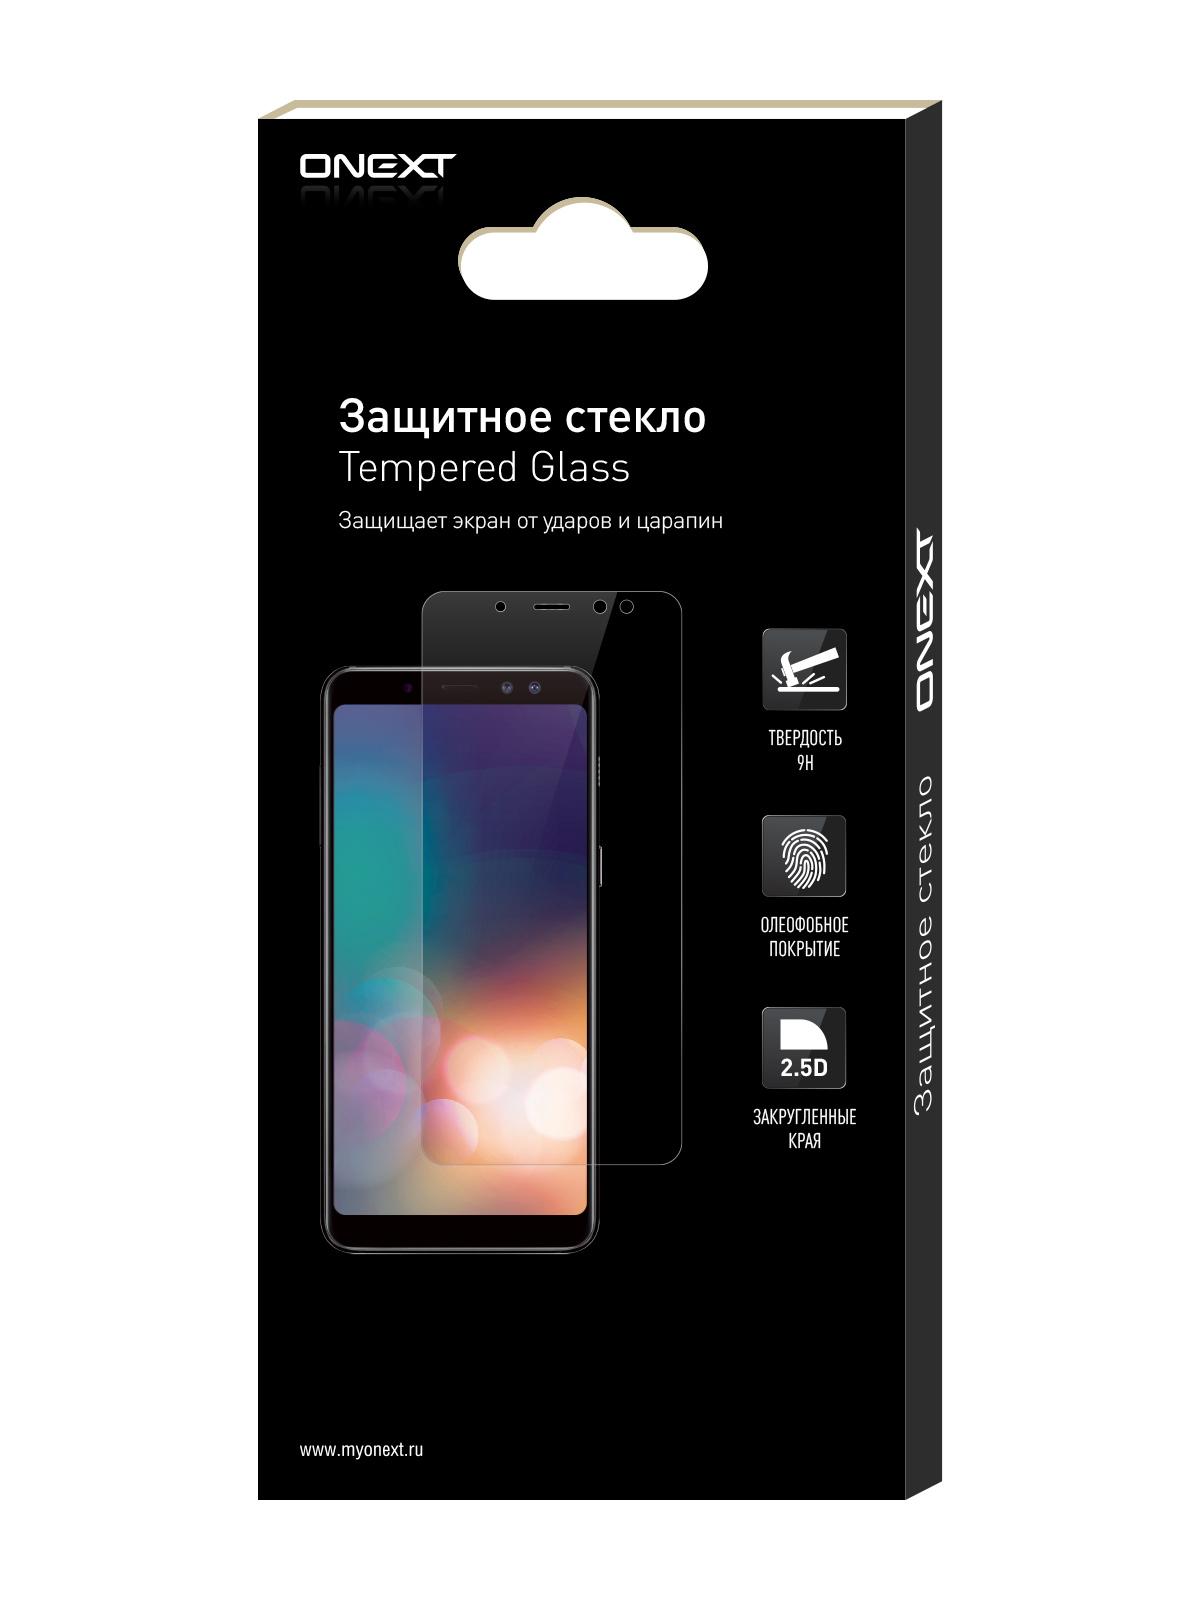 Защитное стекло ONEXT HTC One X10 поворот экрана htc